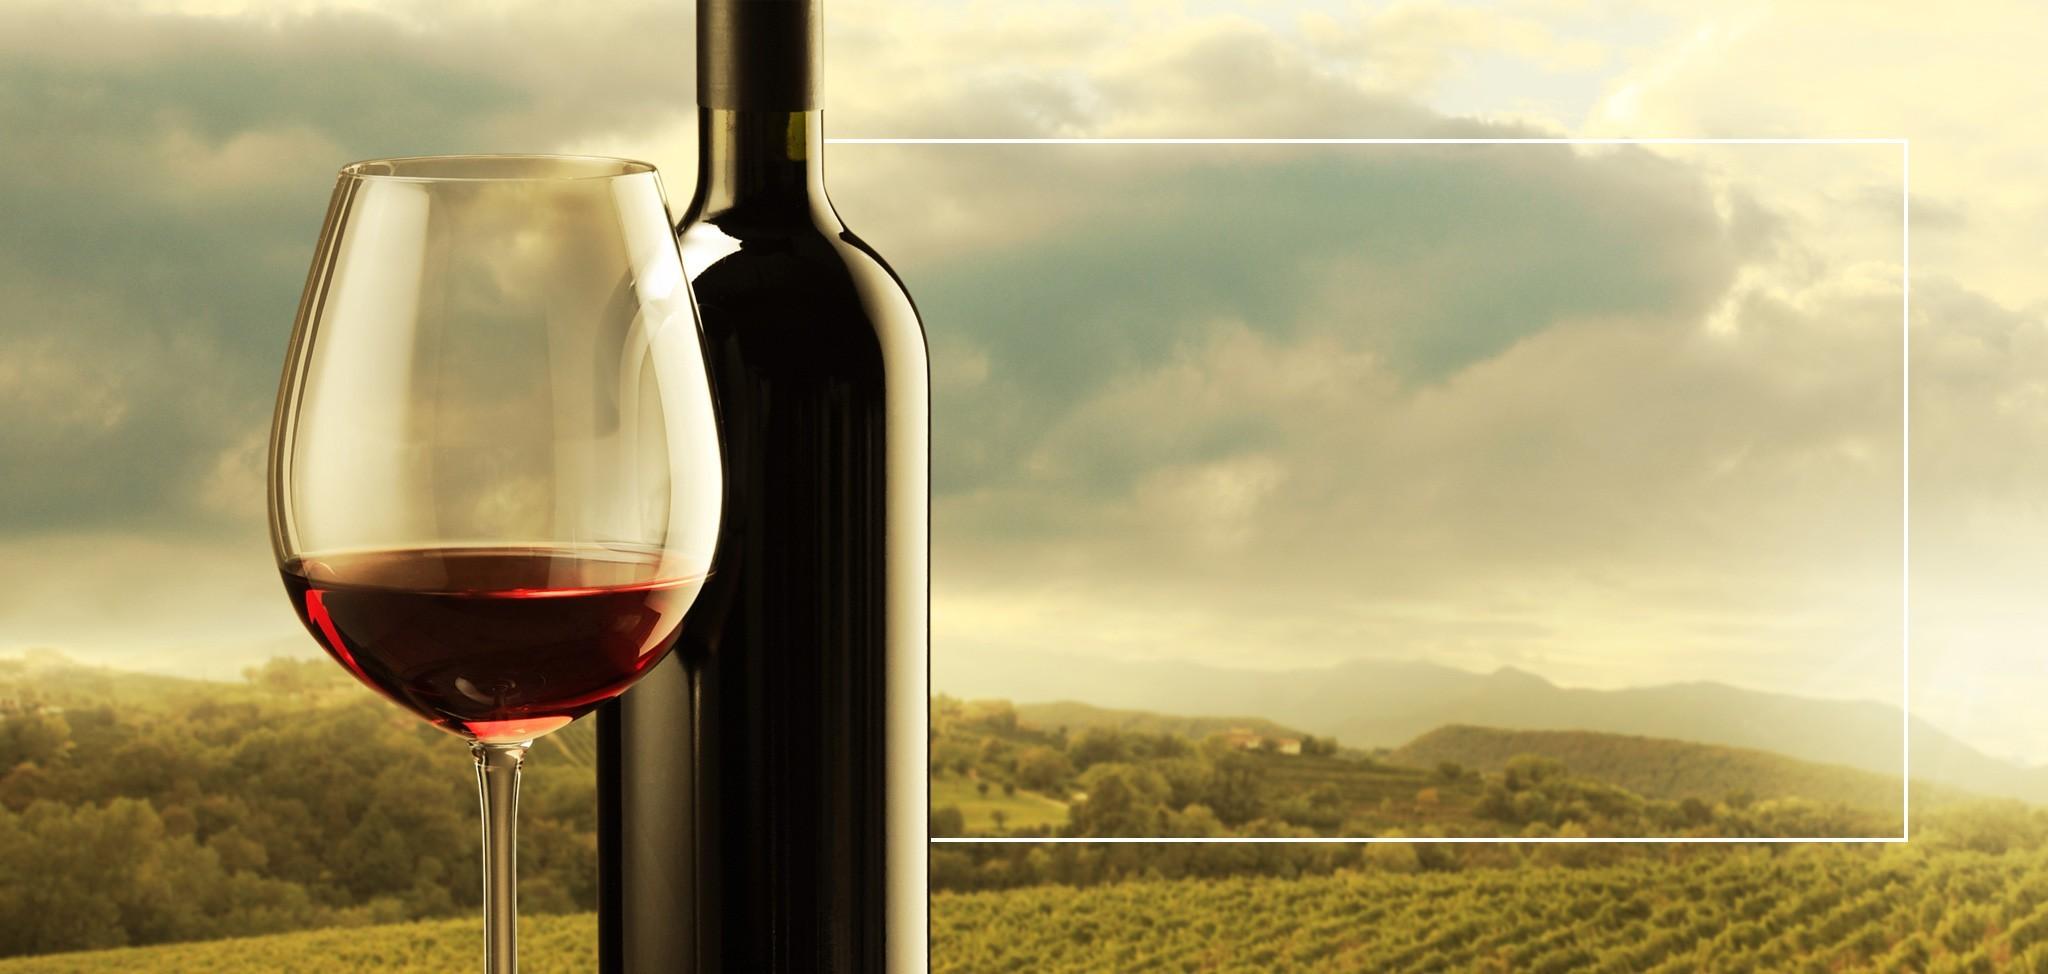 Onze wijnen uit de Piemonte